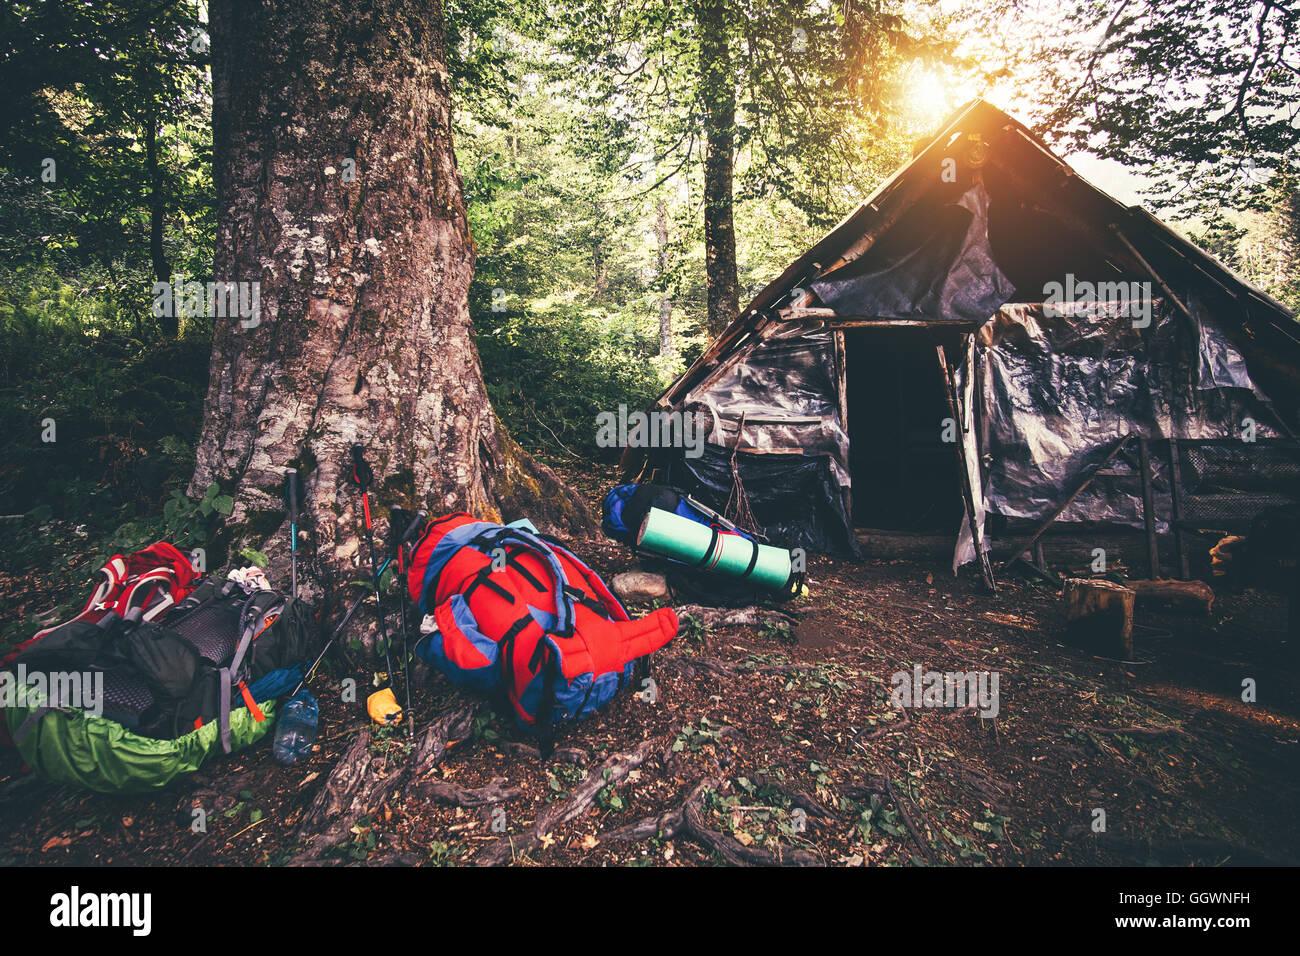 Mochilas y casa abandonada camping Outdoor Lifestyle Viajes equipamiento para excursiones naturaleza forestal en Imagen De Stock